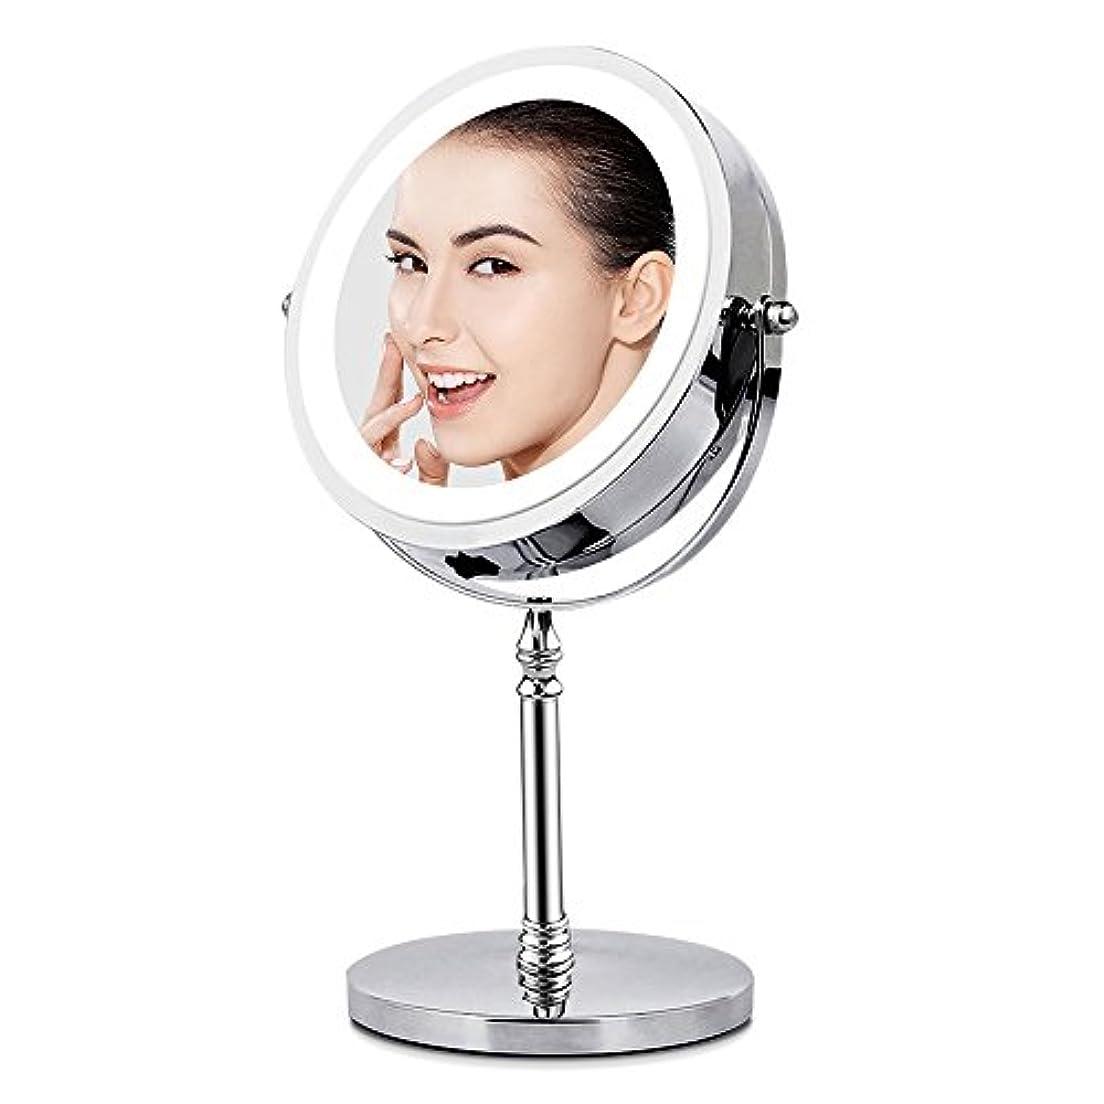 ラフレシアアルノルディ吸収不運BRIGHTINWD LED化粧鏡 「10倍拡大鏡&等倍鏡 LEDライト付き 360度回転」 卓上鏡 両面鏡 メイク道具 スタンドミラー 日本語取扱説明書付き